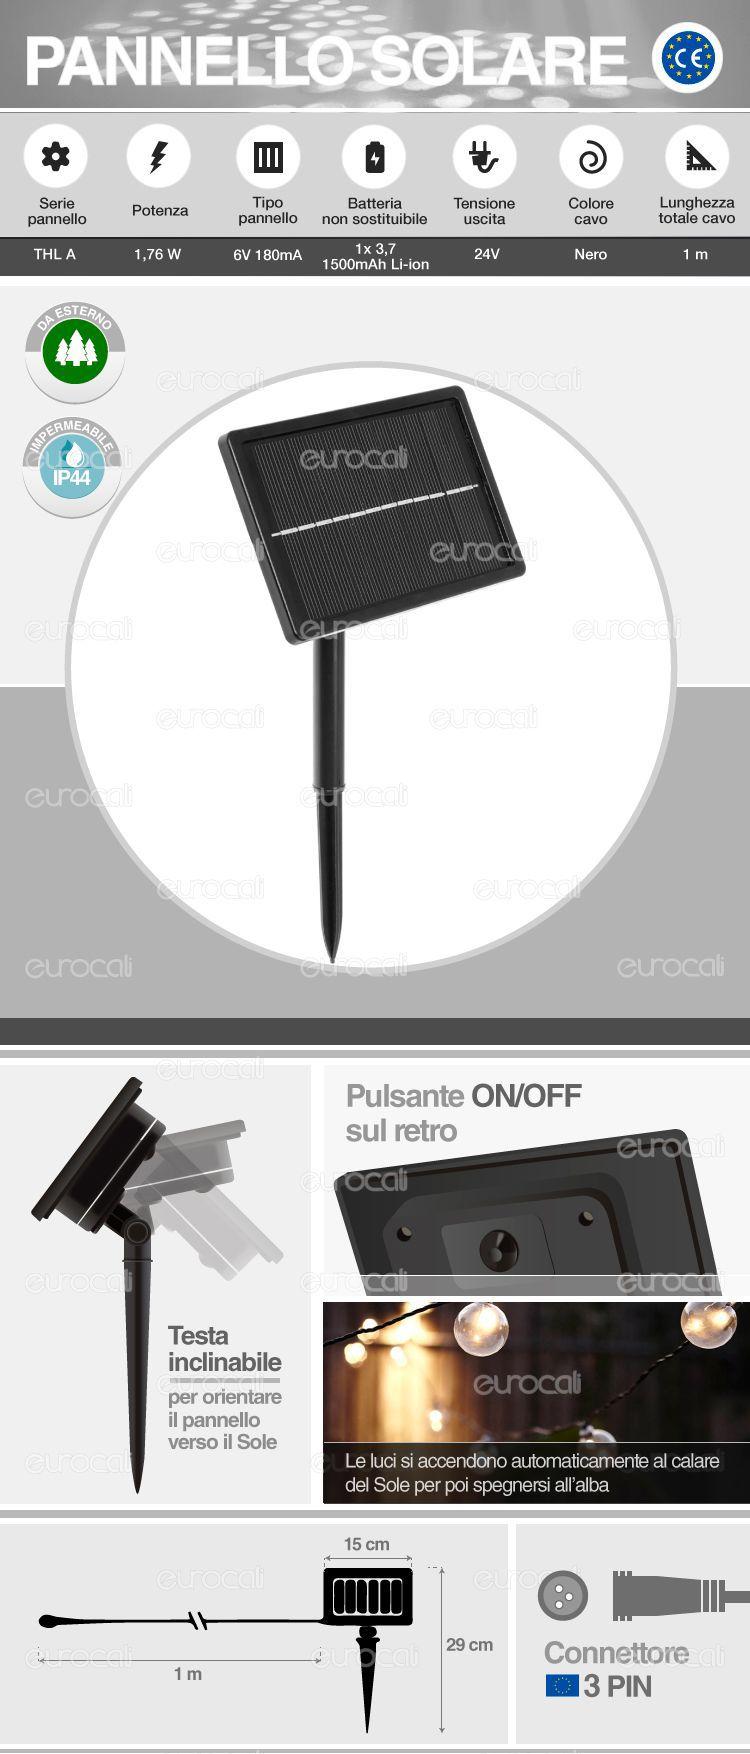 Pannello Solare Per Ebike : Pannello solare con batteria interna per esterno thl a v